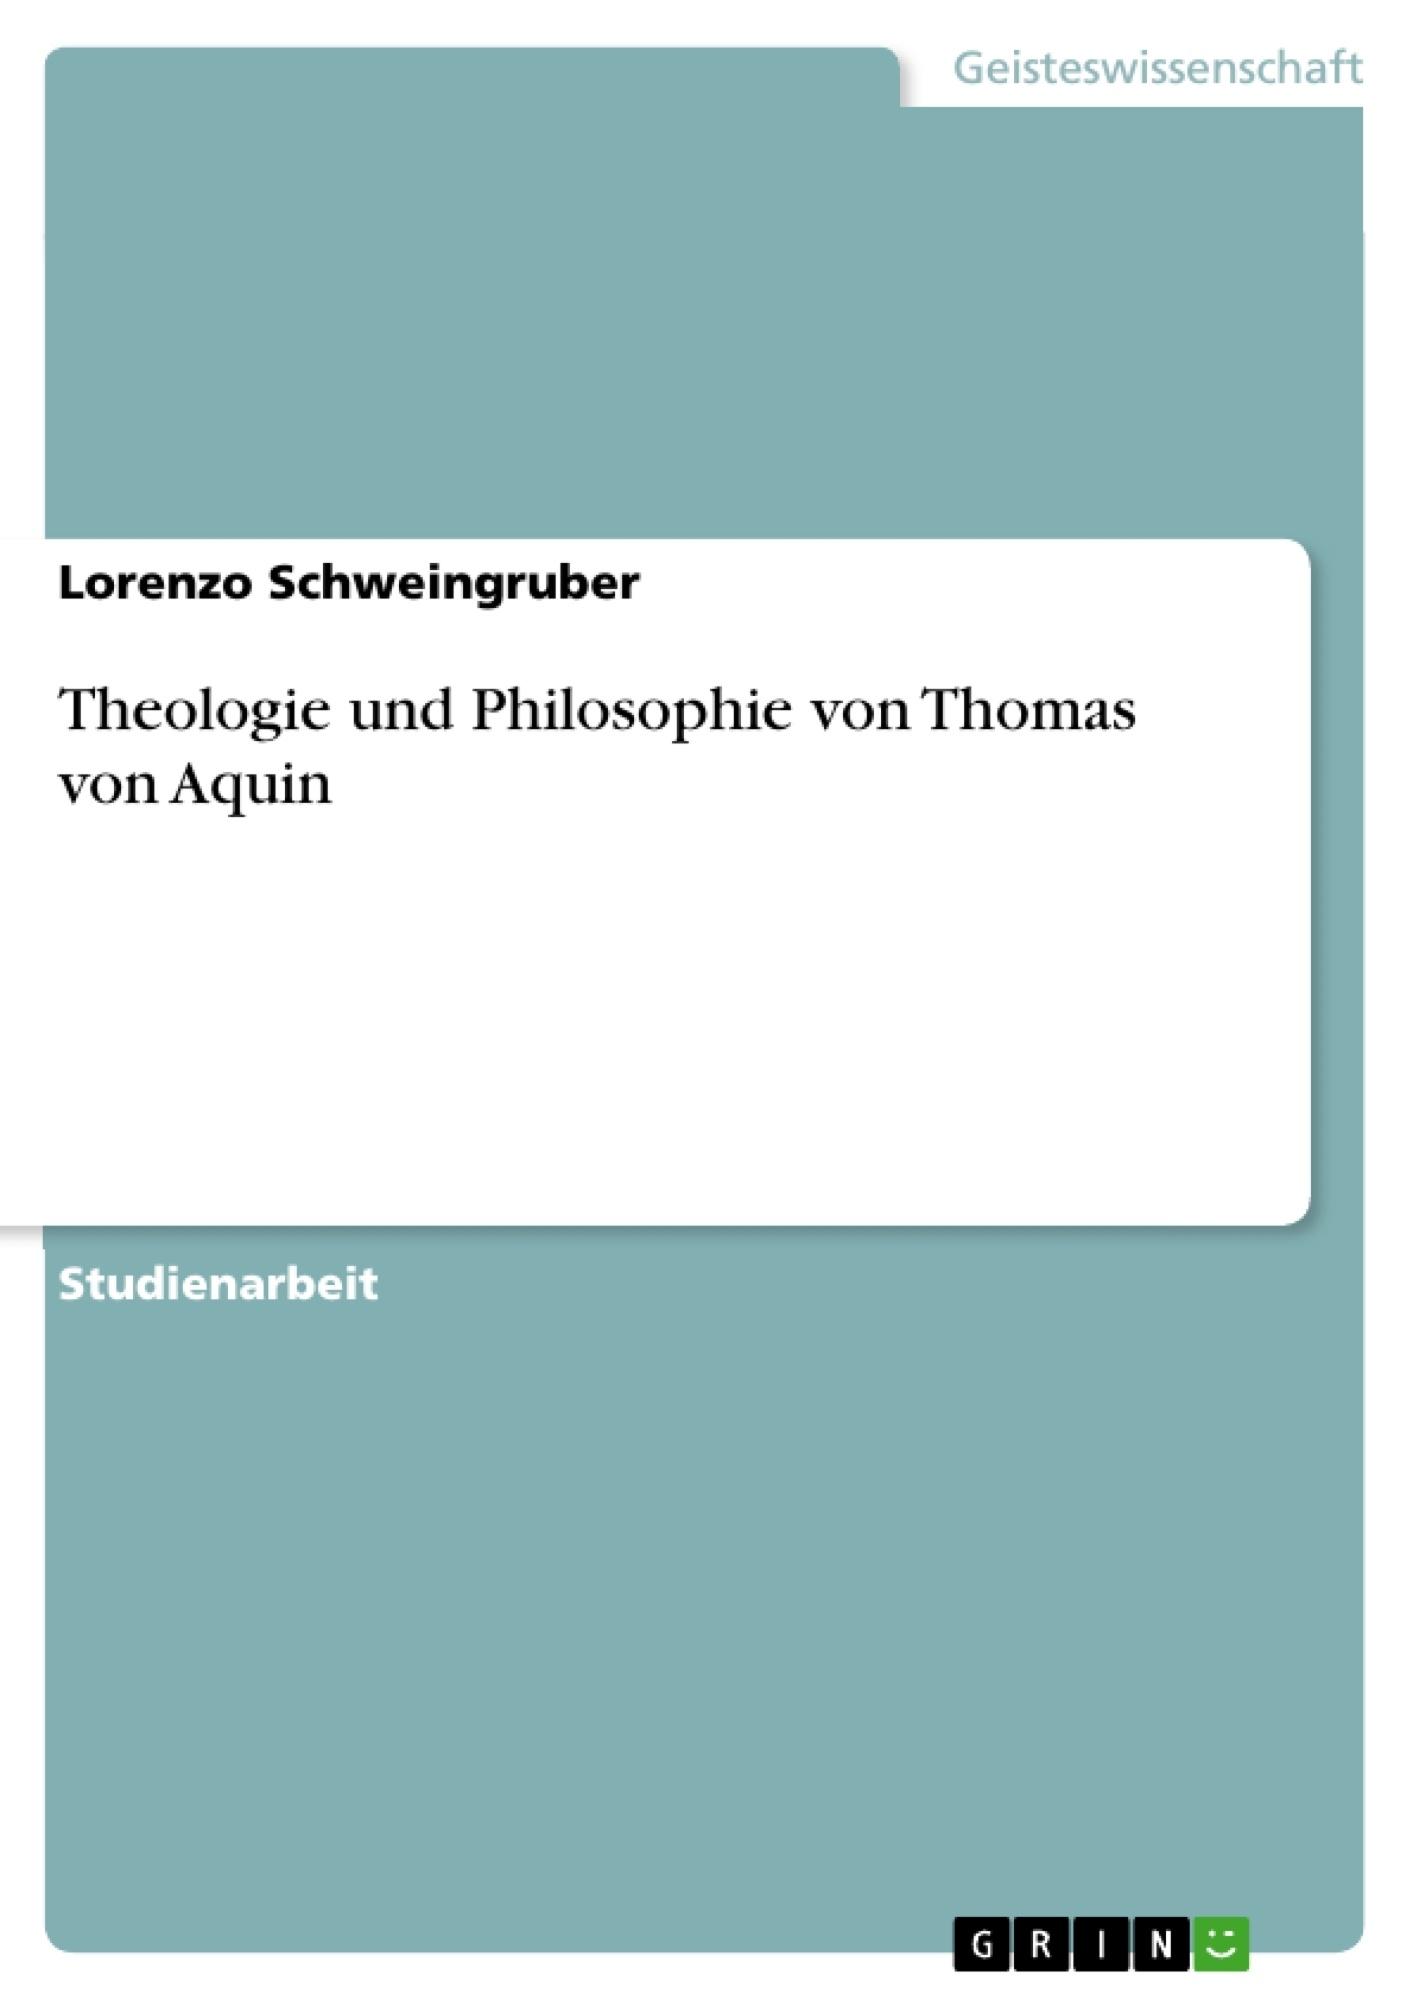 Titel: Theologie und Philosophie von Thomas von Aquin